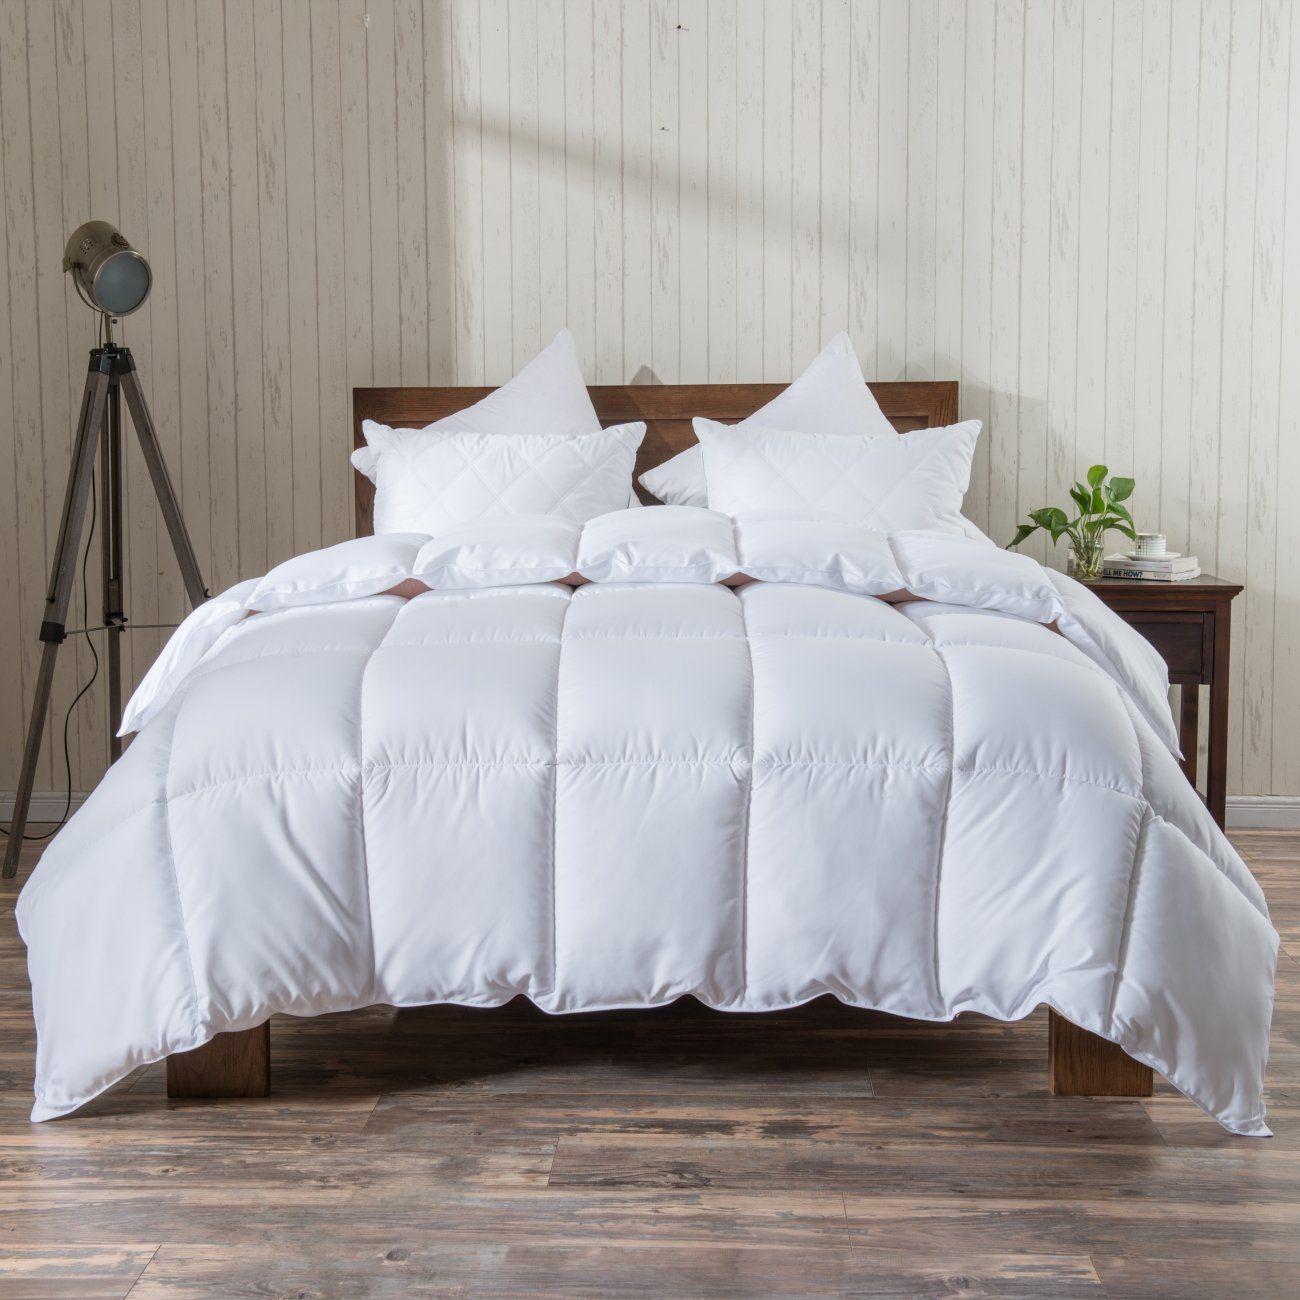 White Comforter Quilted Reversible Duvet Insert King Size With Corner Tabs Hypoallergenic Breathable For All Season Fluf Comforters King Comforter Duvet Insert